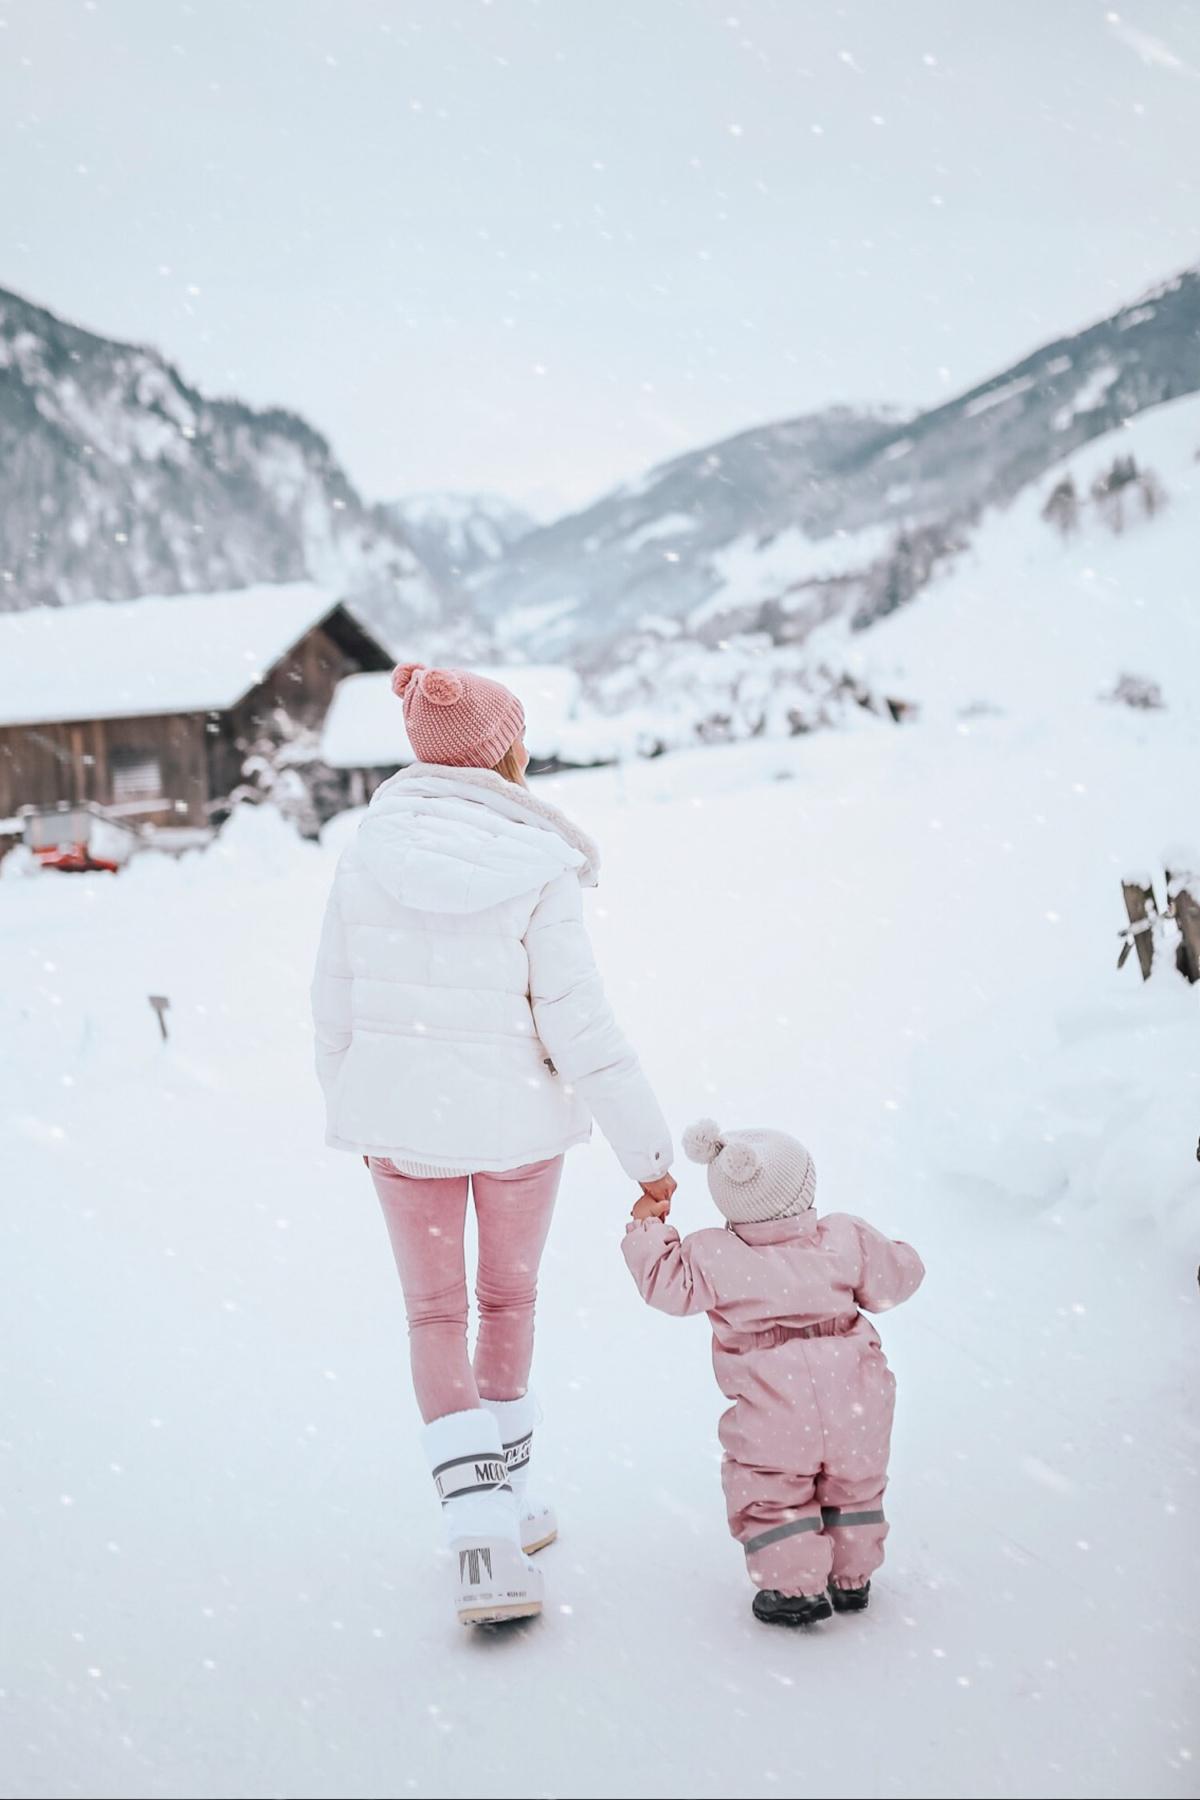 stylingliebe-lifestyleblogger-mamablog-familienblog-muenchen-lifestyleblog-blogger-deutschland-mamablogger-fashionblogger-familienblog-meine-innere-gefuehlswelt-4